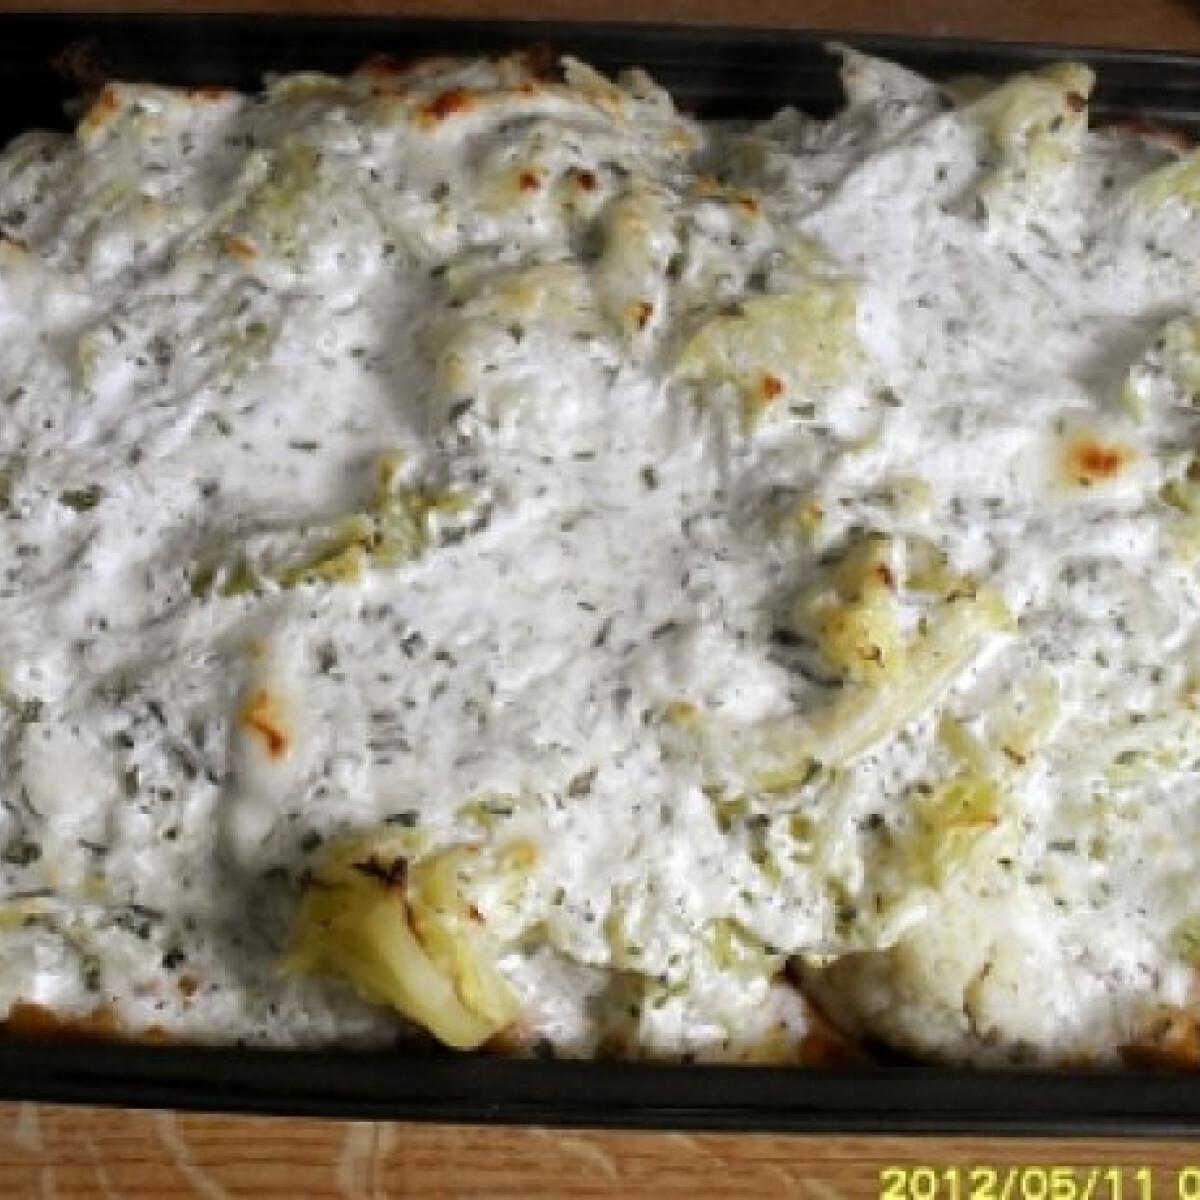 Rakott tészta zöldséges-sajtosan